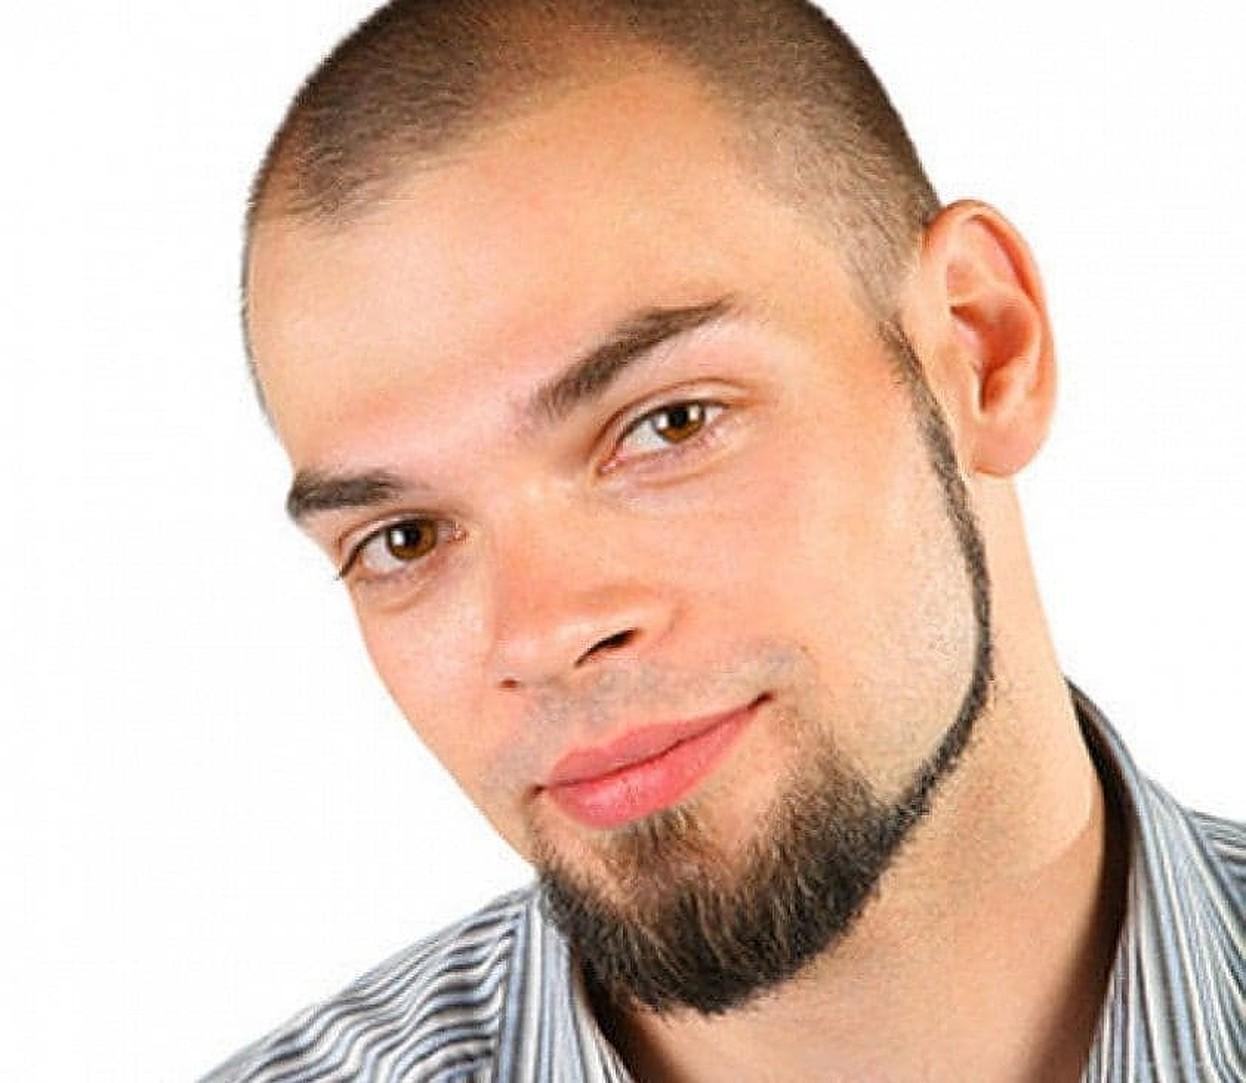 Style mix beard without mustache